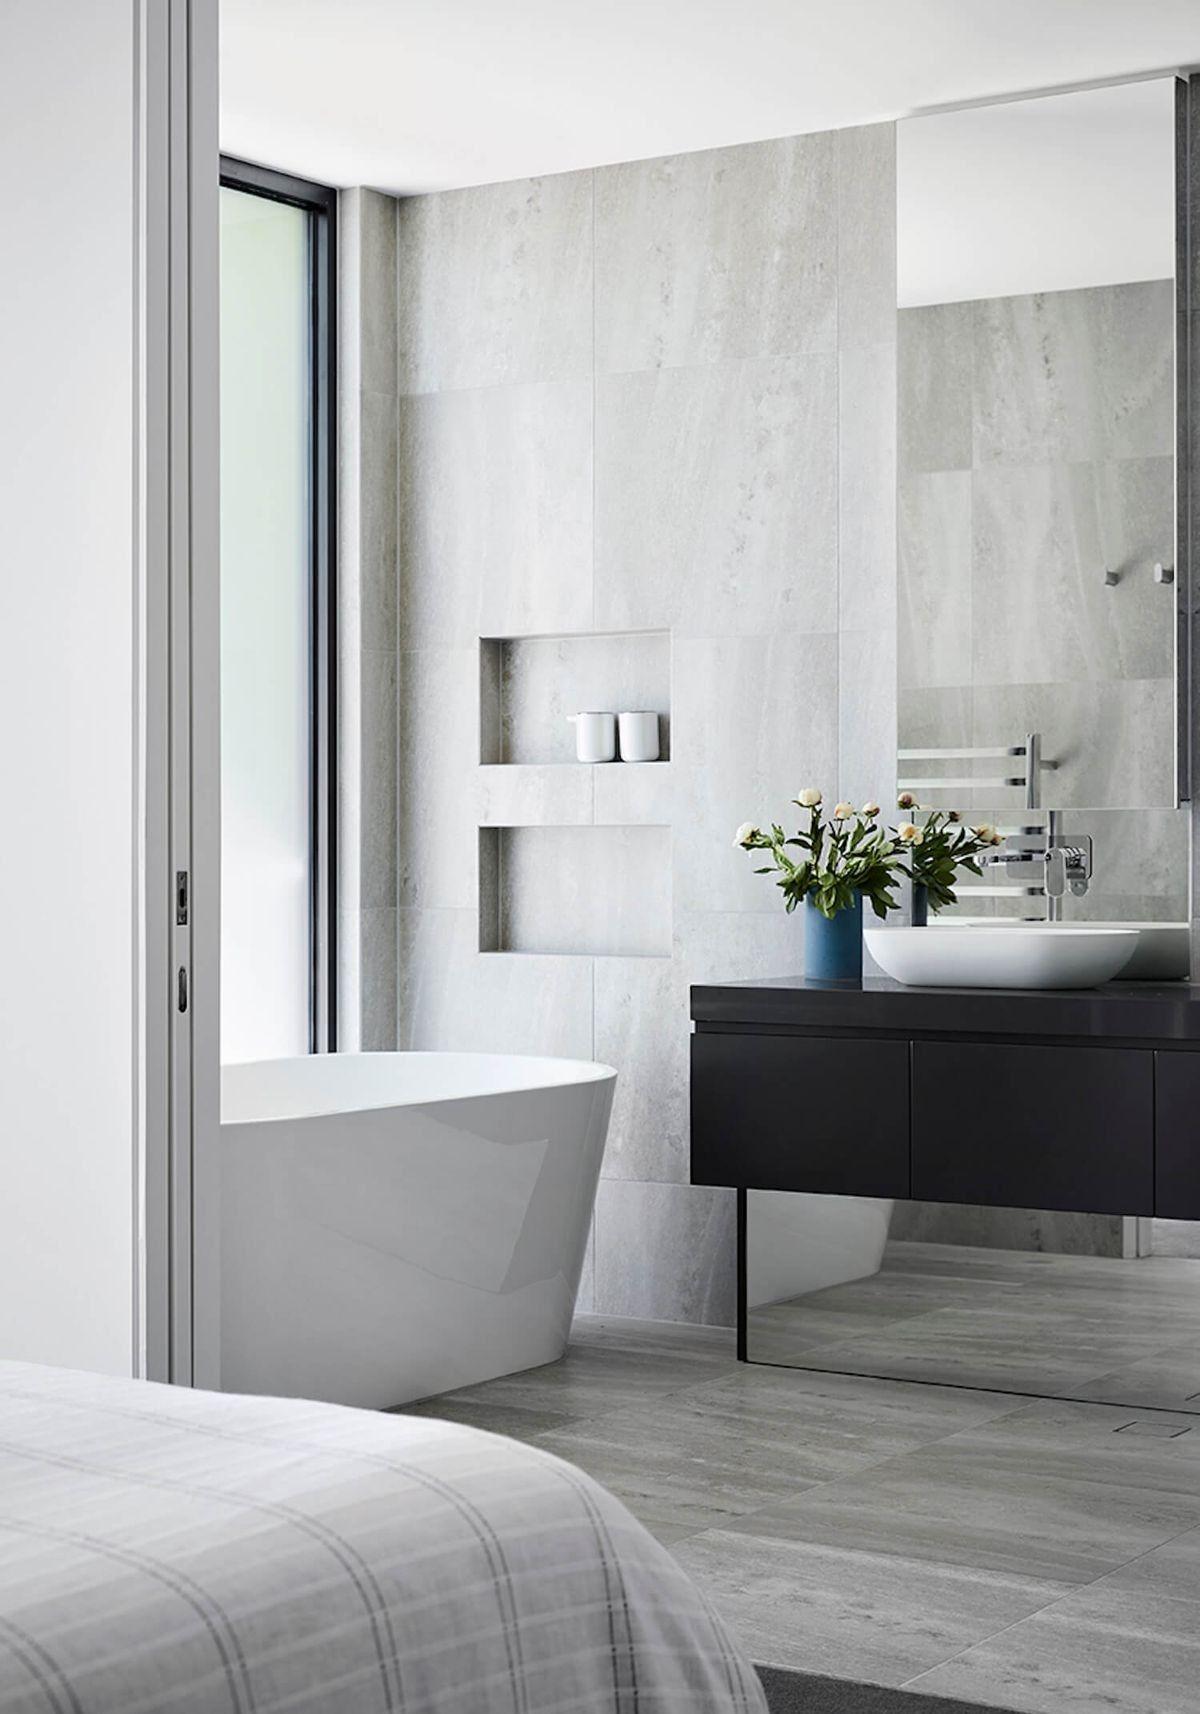 Come Ricavare Un Bagno In Camera Da Letto Guida Completa X Inesperti Interni Moderni Camera Da Letto Interior Design Bagno In Camera